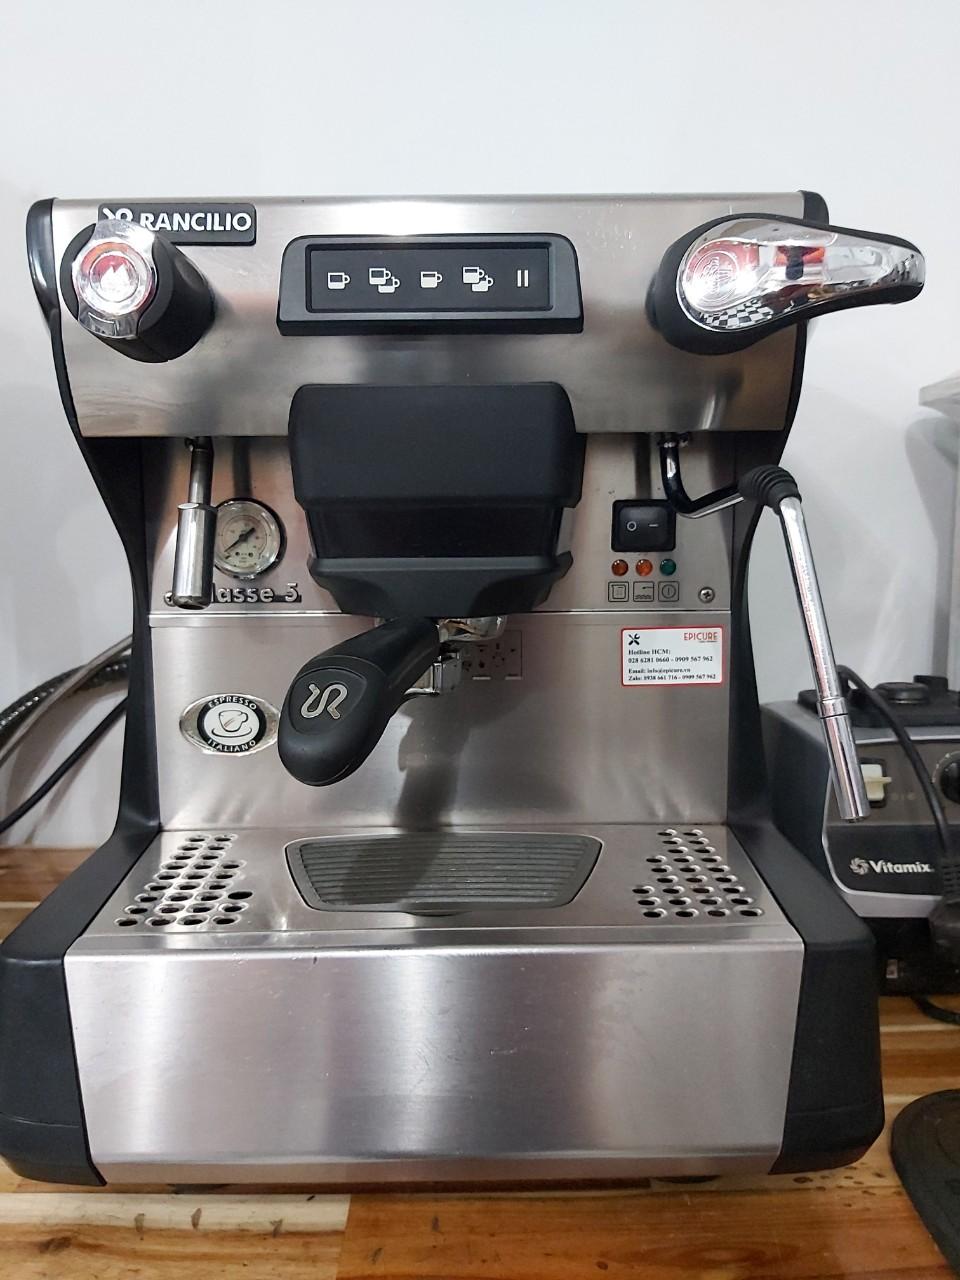 Thanh Lý Máy pha cà phê Espresso Rancilio cũ Classe 5 USB 1 Group